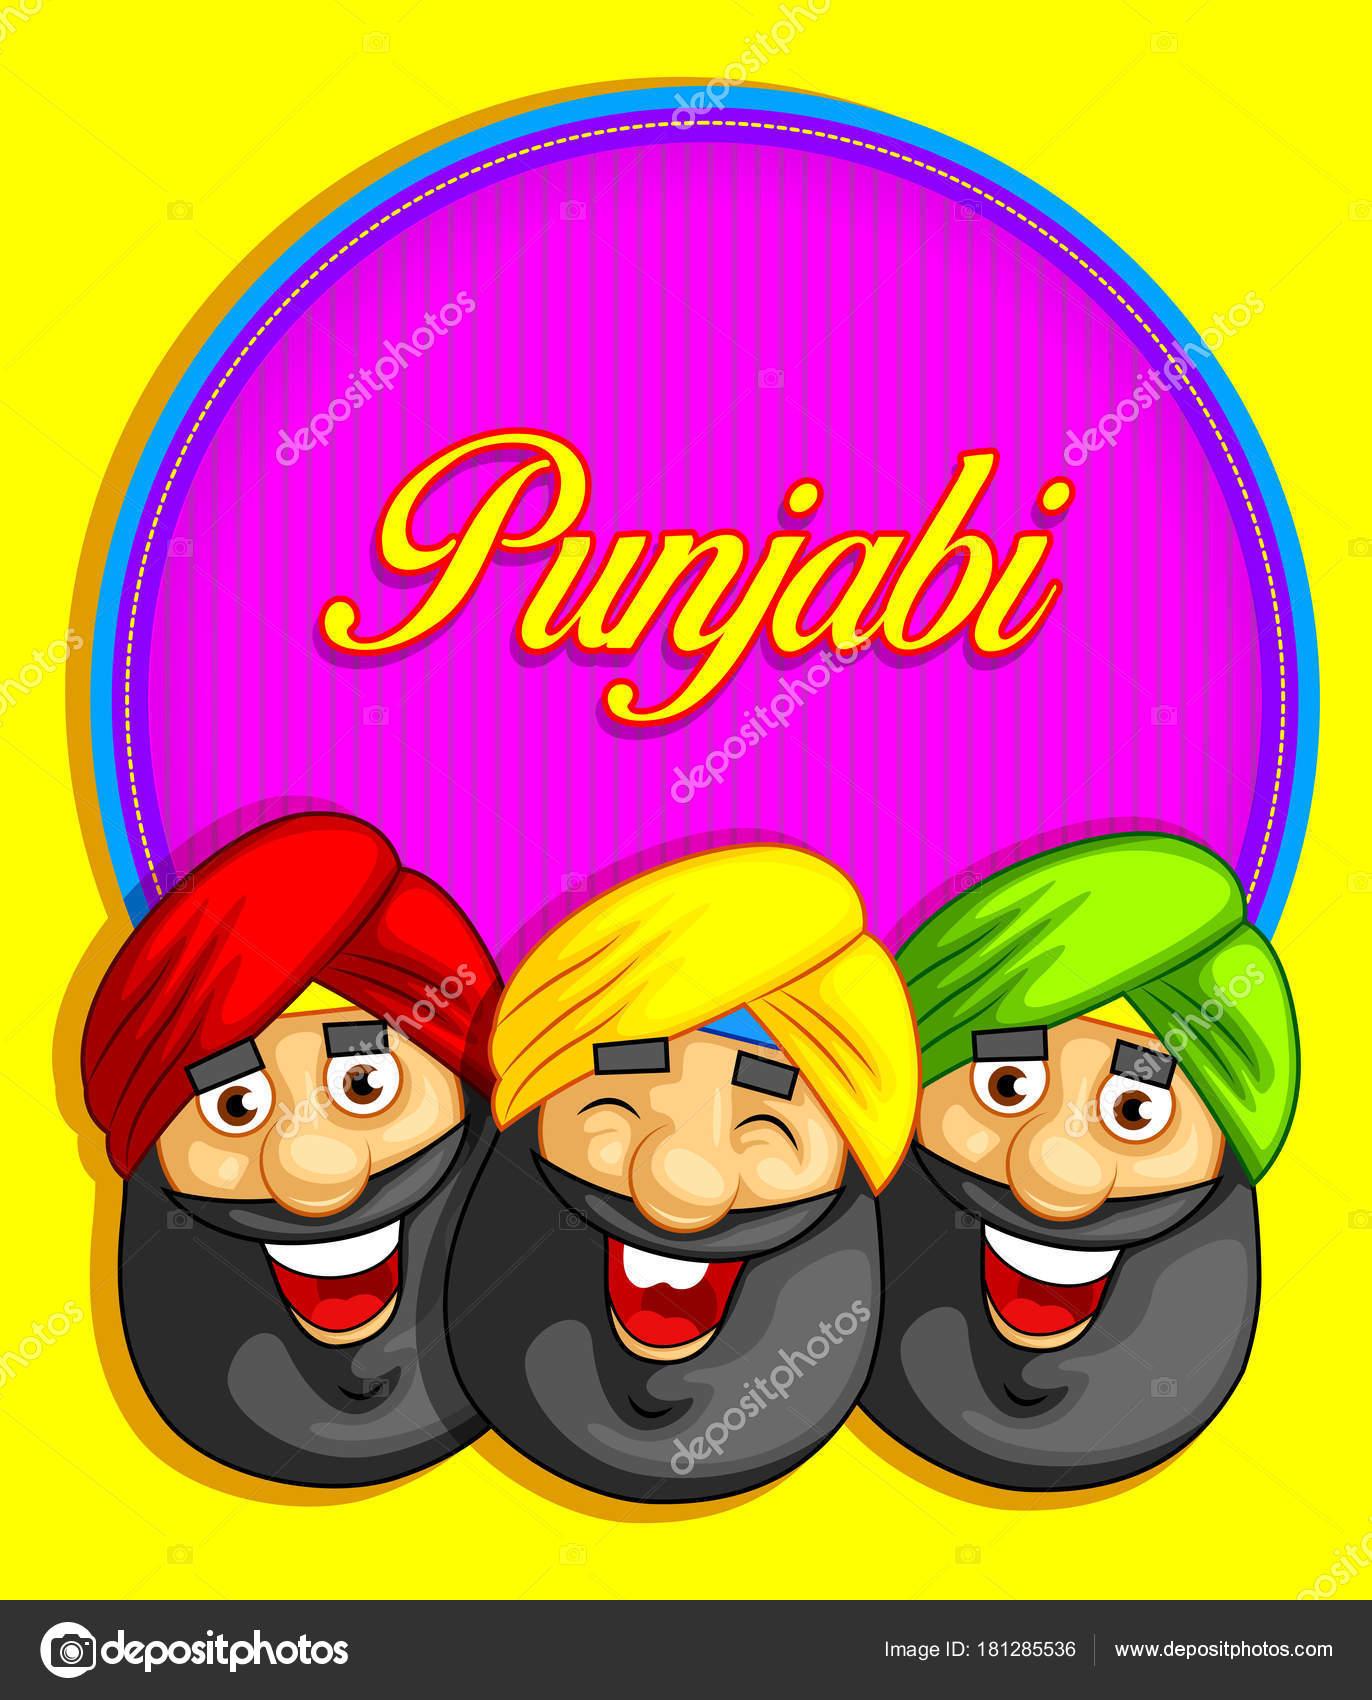 Estilo Dibujos Animados Ilustración Carácter Punjabi — Archivo ...